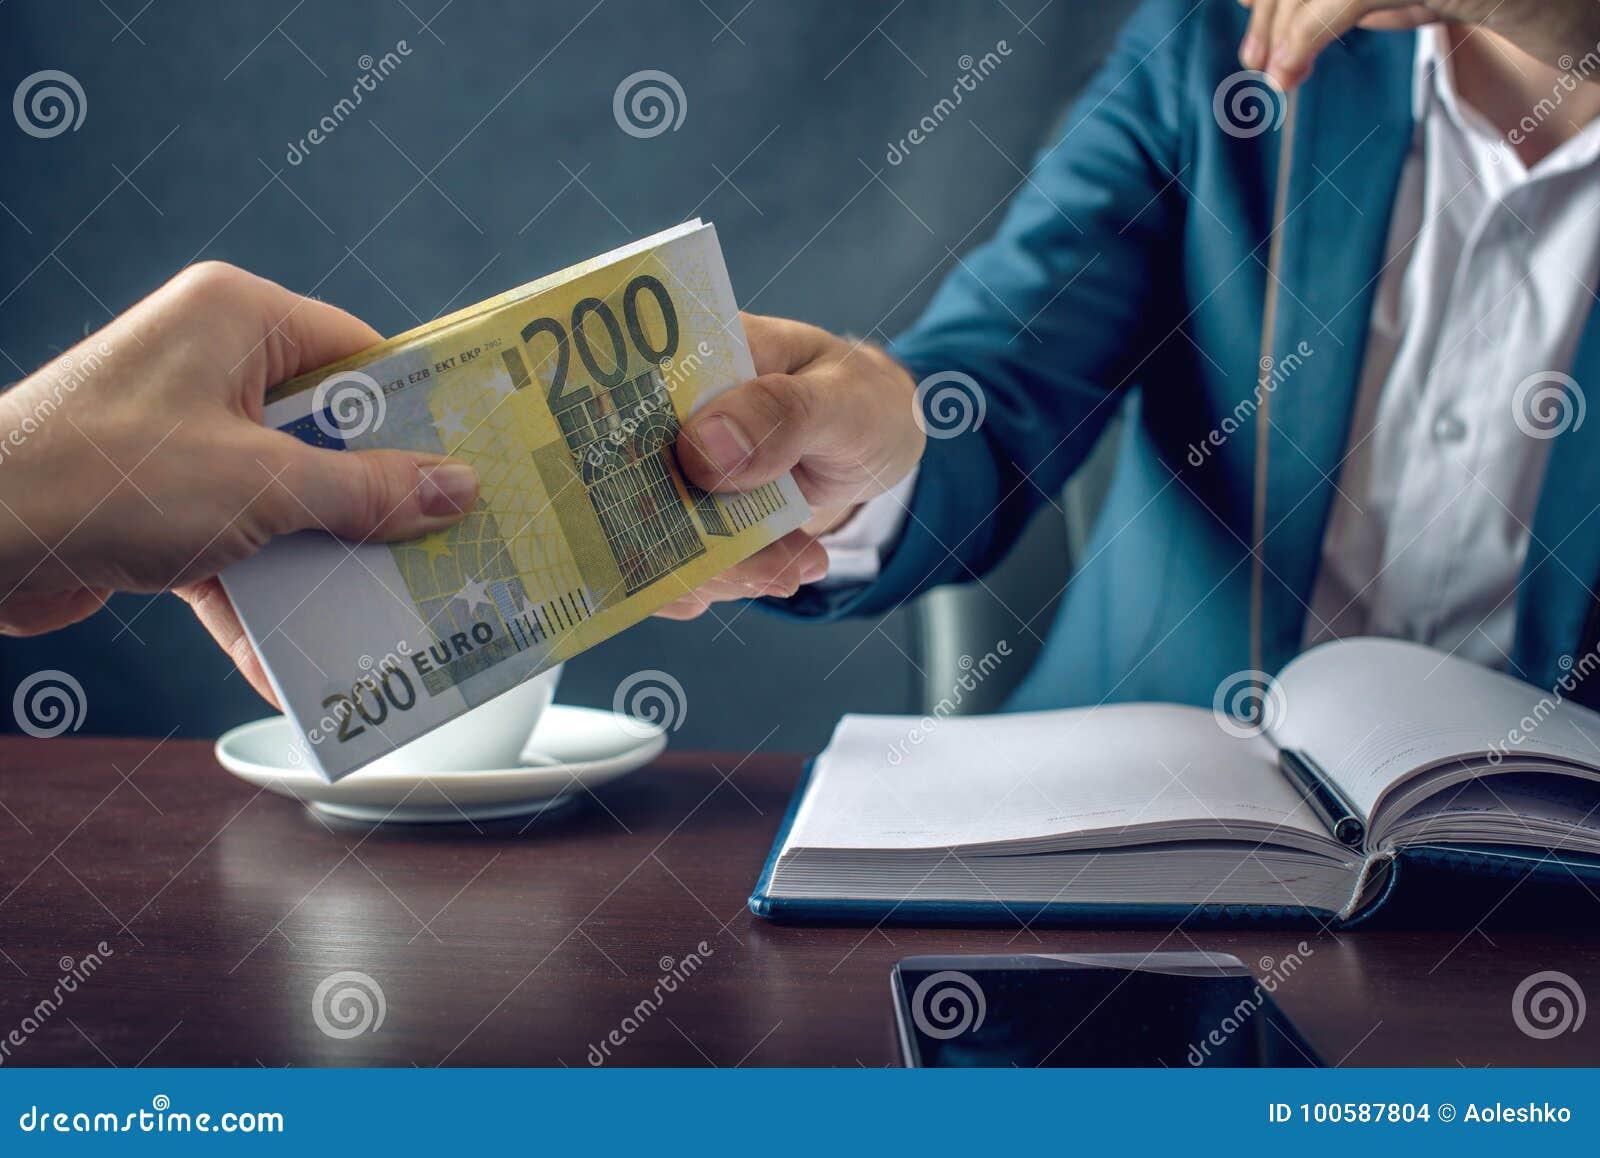 De mensenzakenman in kostuum neemt de geldhanden Een steekpenning in de vorm van Euro rekeningen Concept corruptie en omkoperij